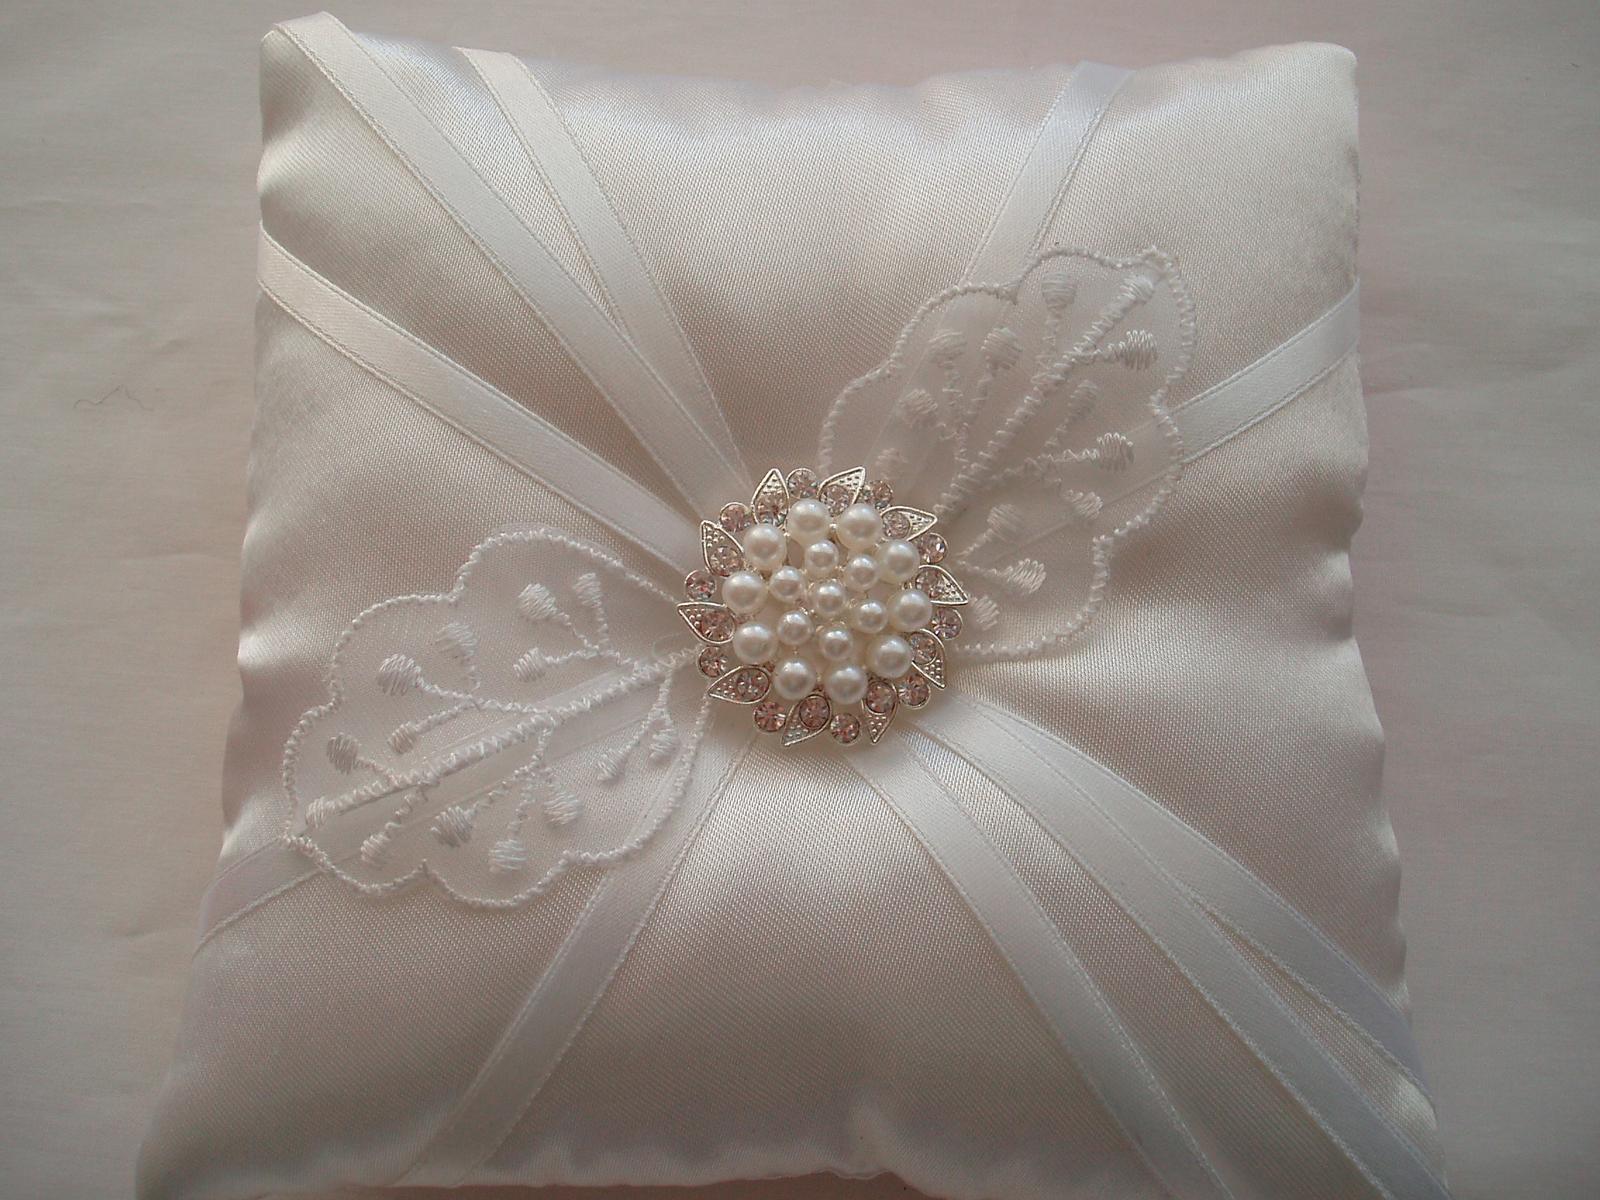 polštářek pod prstýnky-bílá svatba - Obrázek č. 1